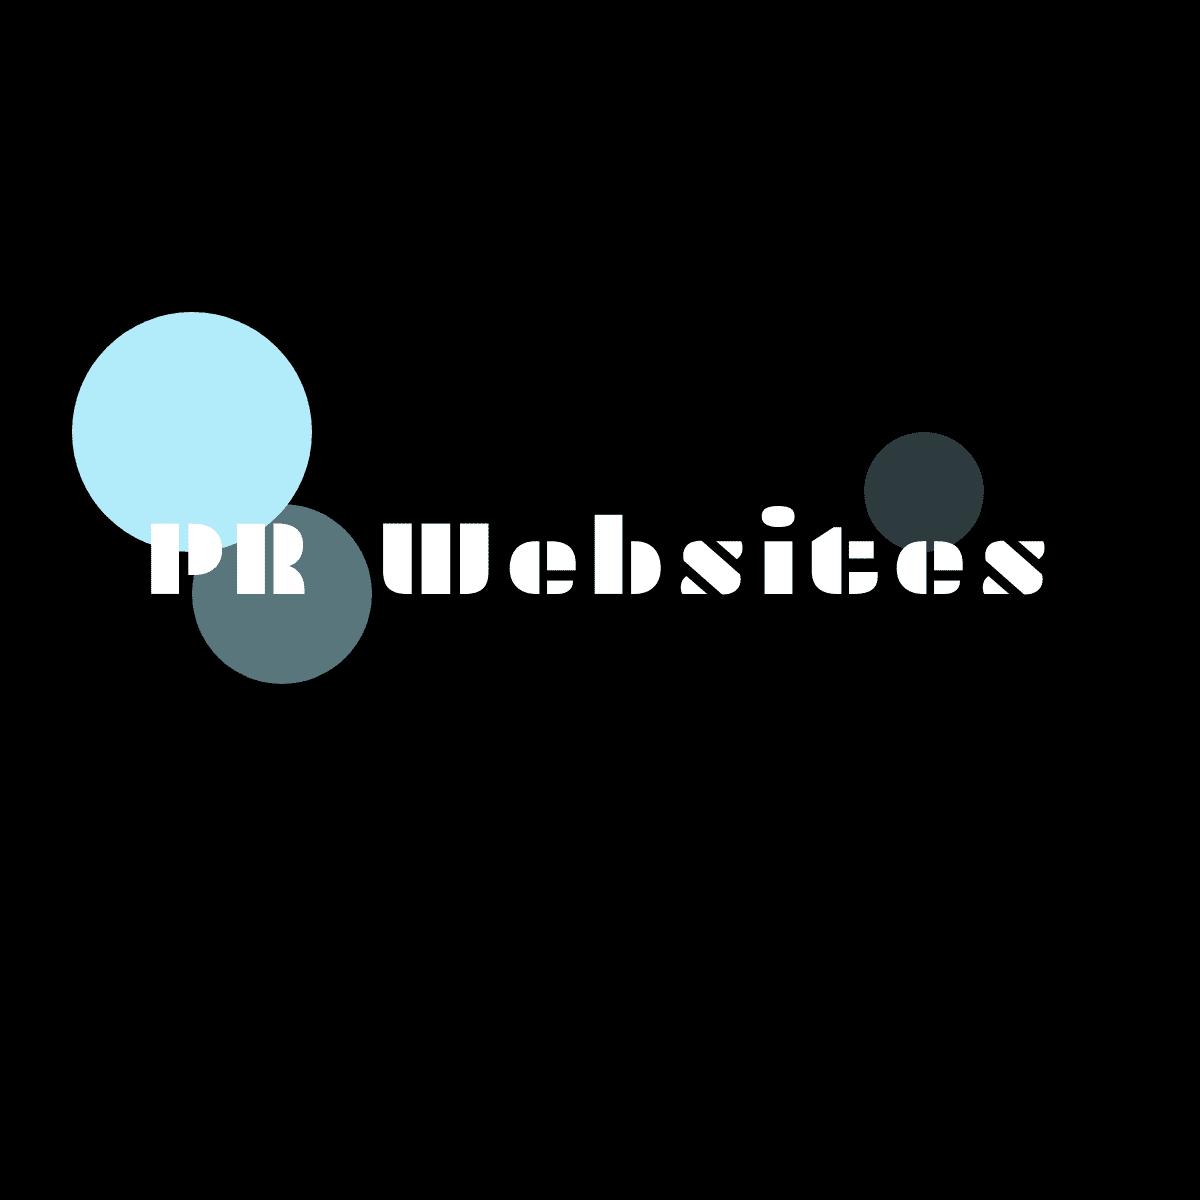 PR Websites